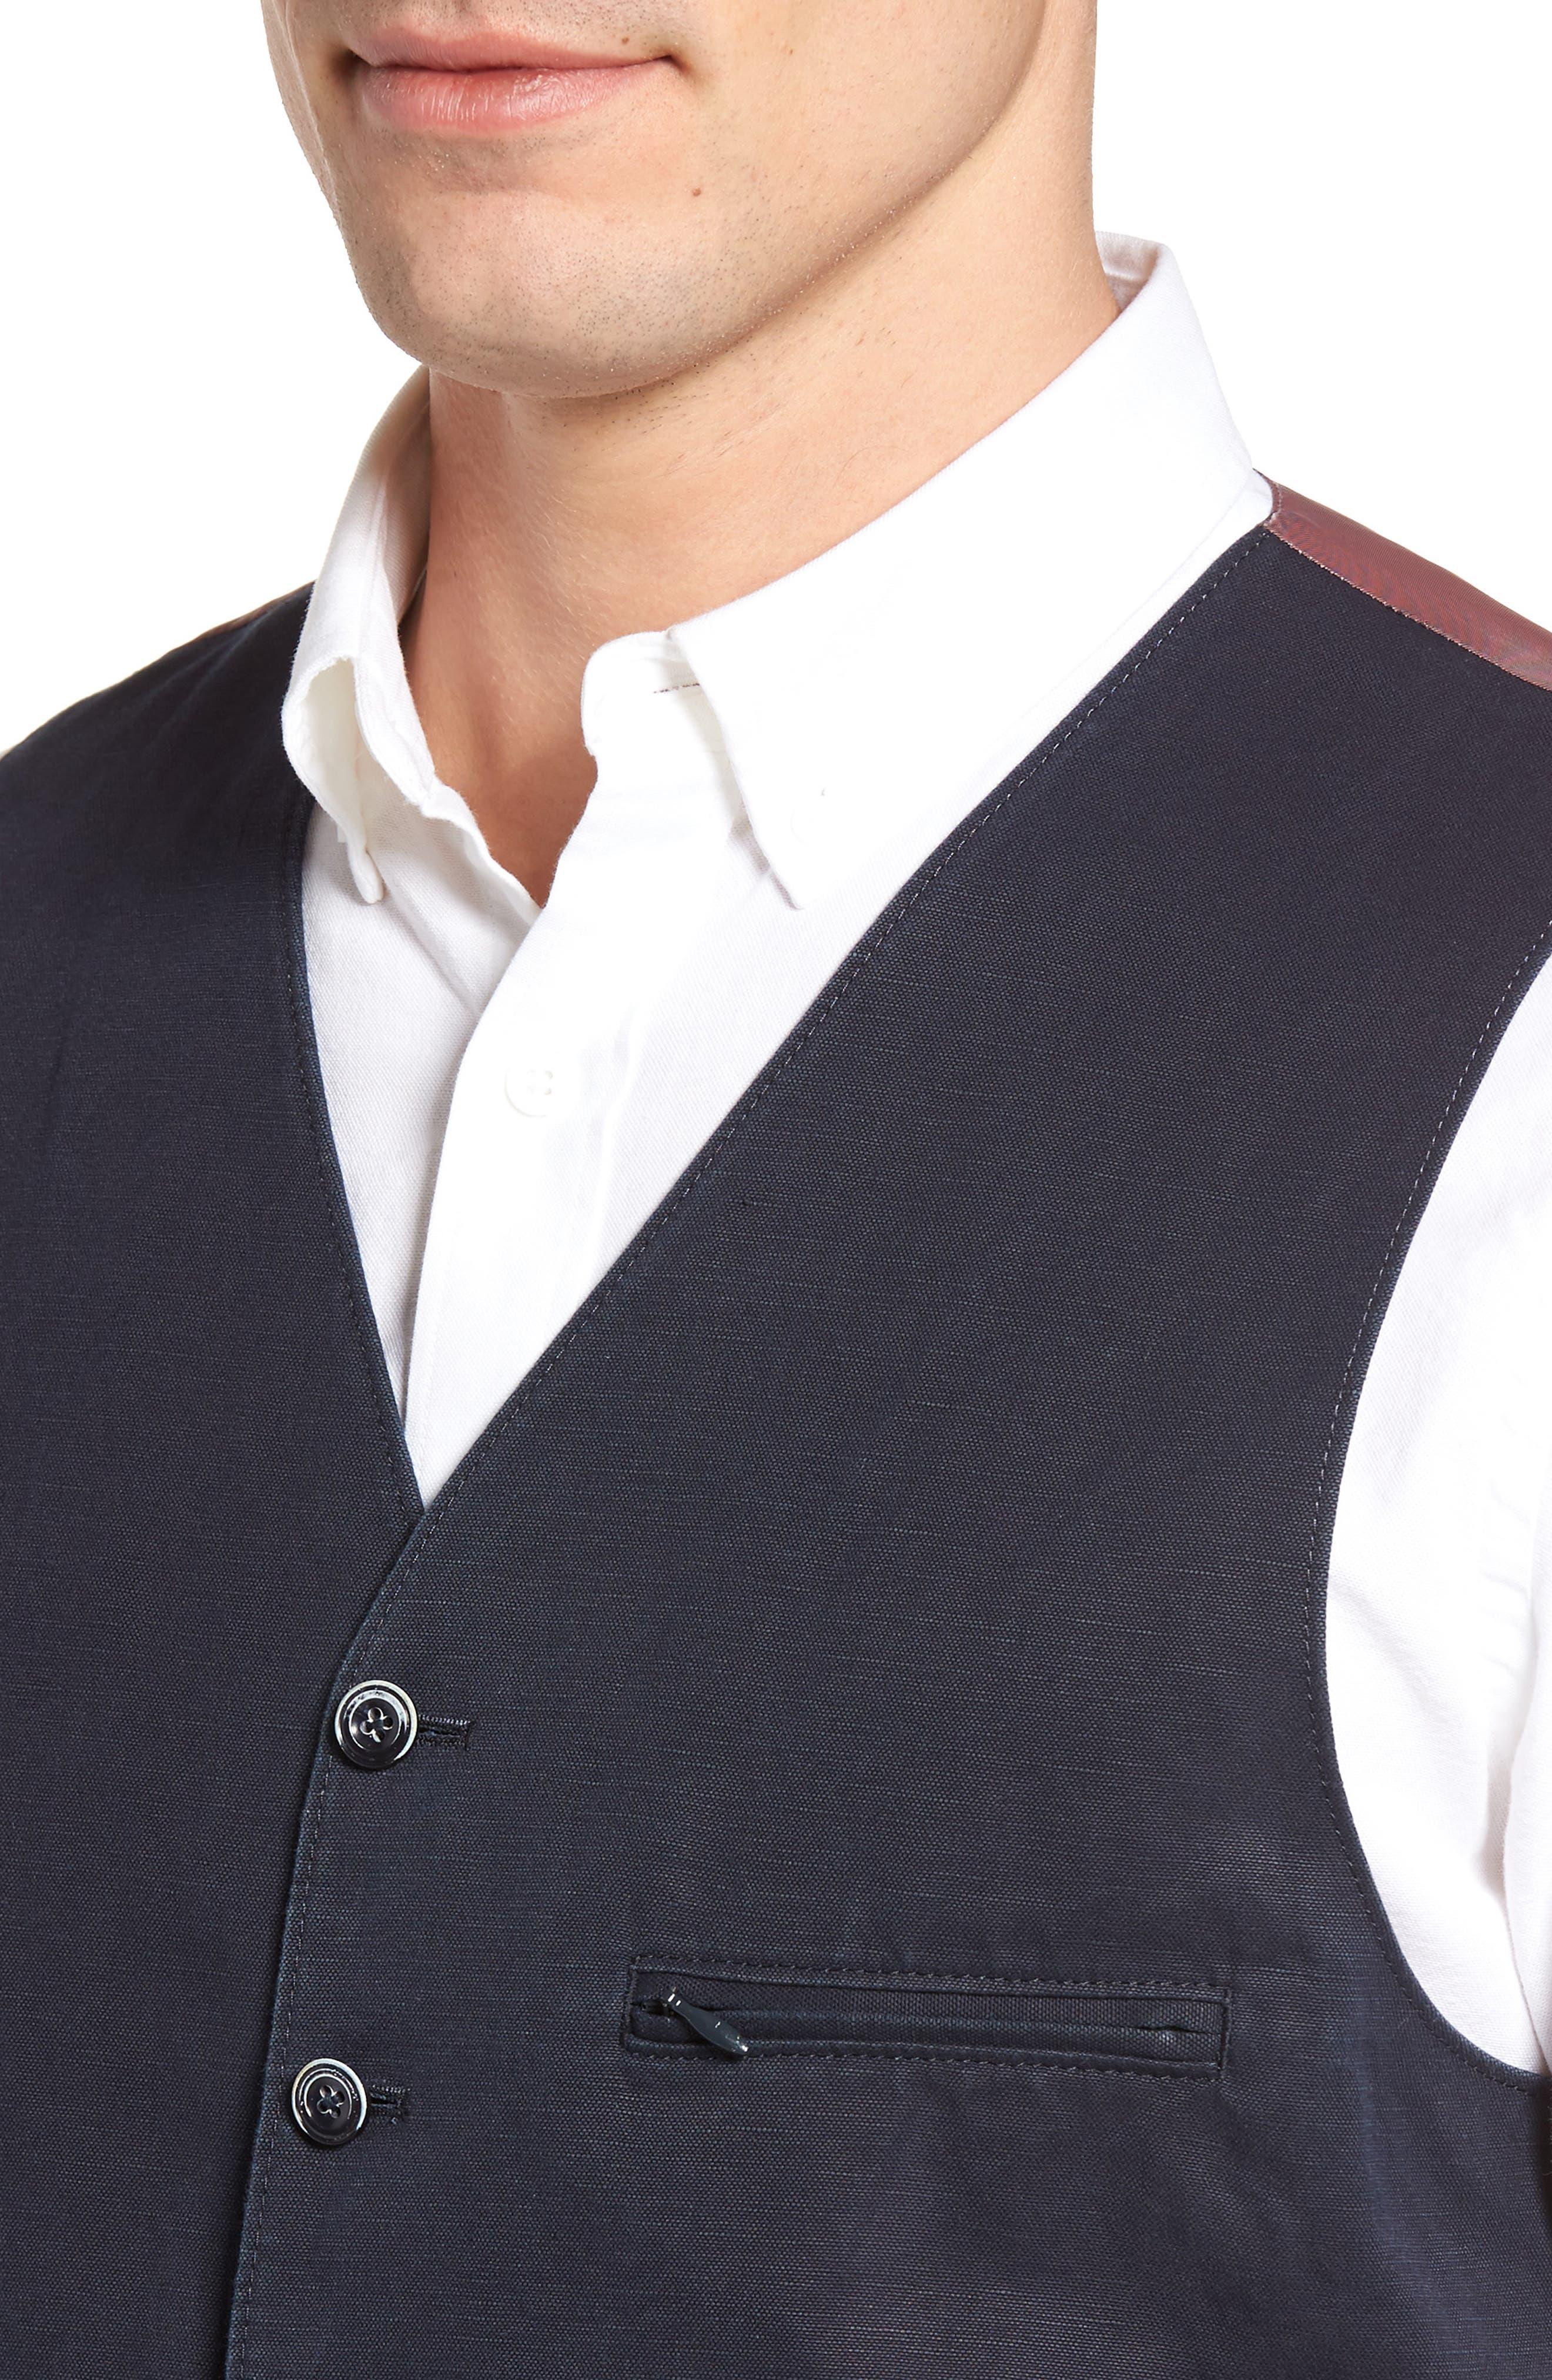 Hootie Solid Cotton & Linen Vest,                             Alternate thumbnail 4, color,                             410